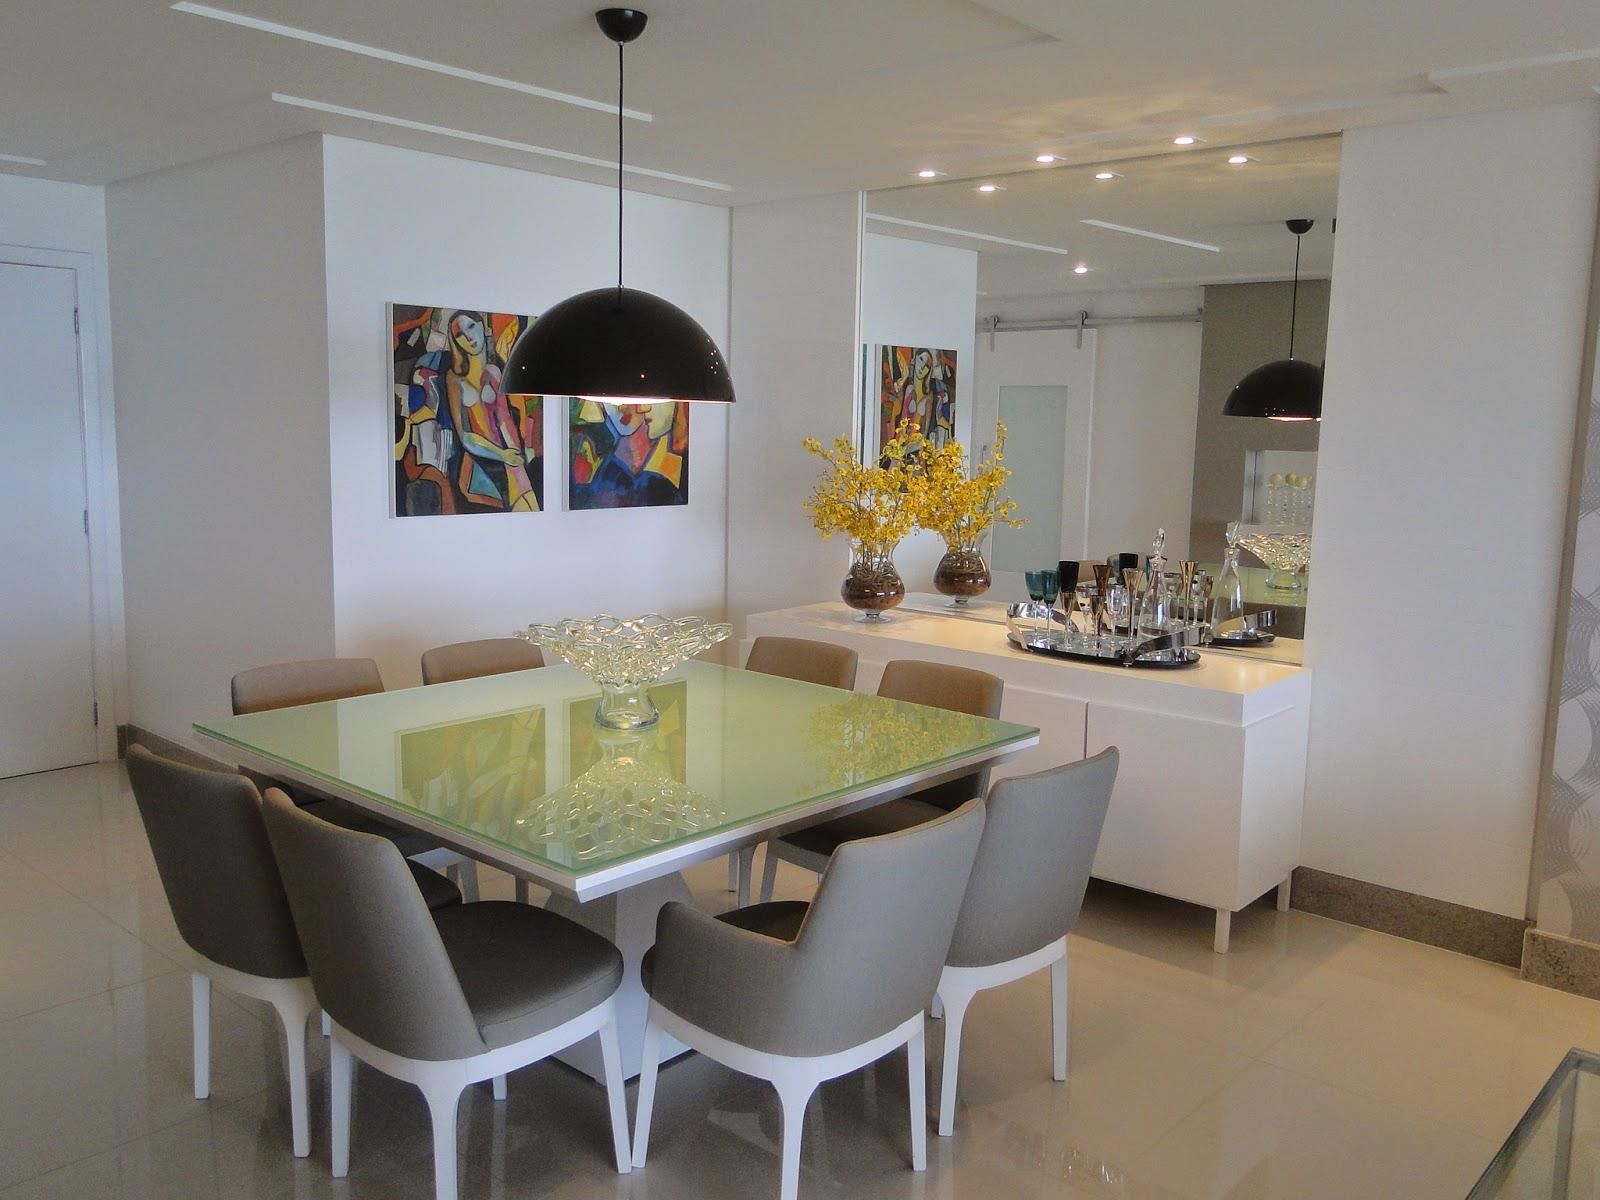 Aparador Moderno Para Sala De Jantar Espelho Sobre Bancos Da Mesa  -> Aparador Para Sala D Jantar Aki